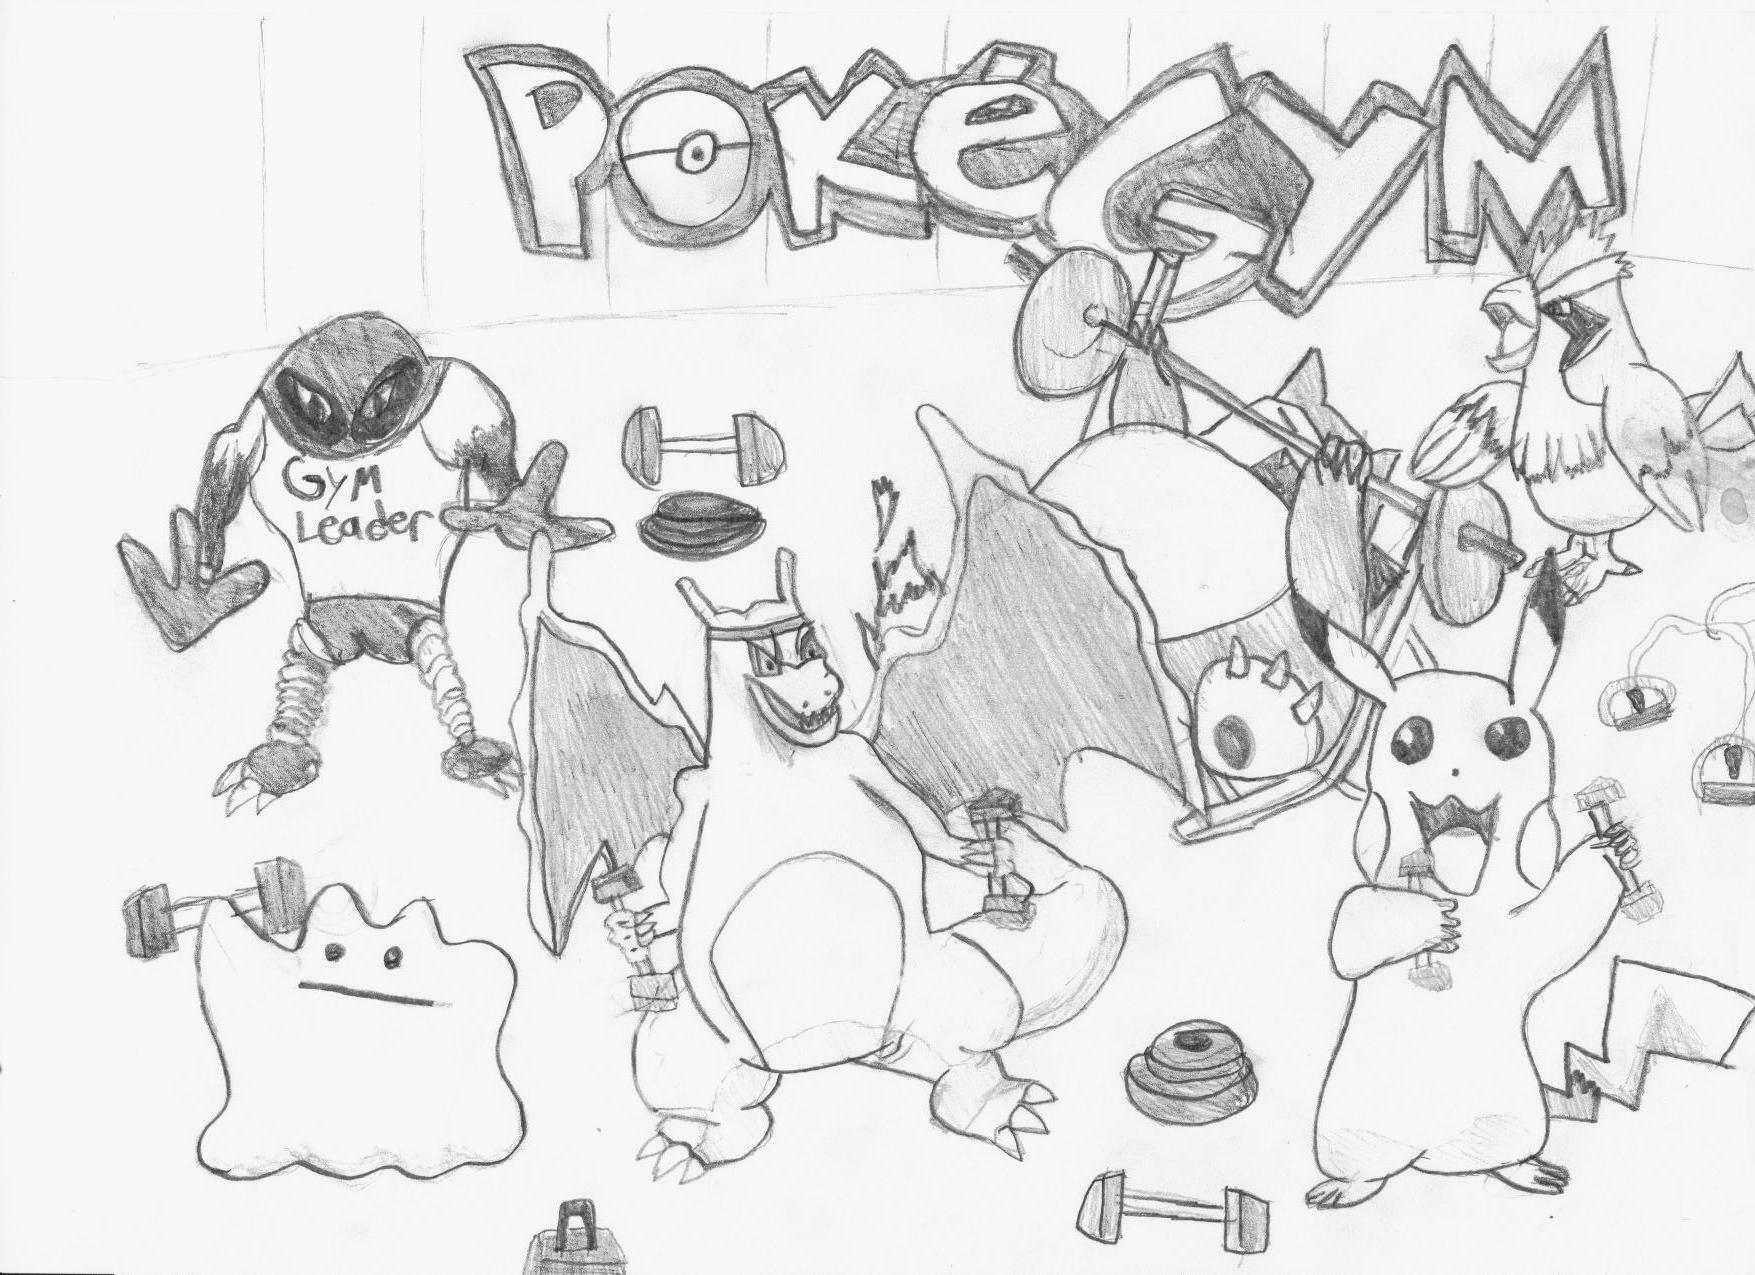 PokeGym